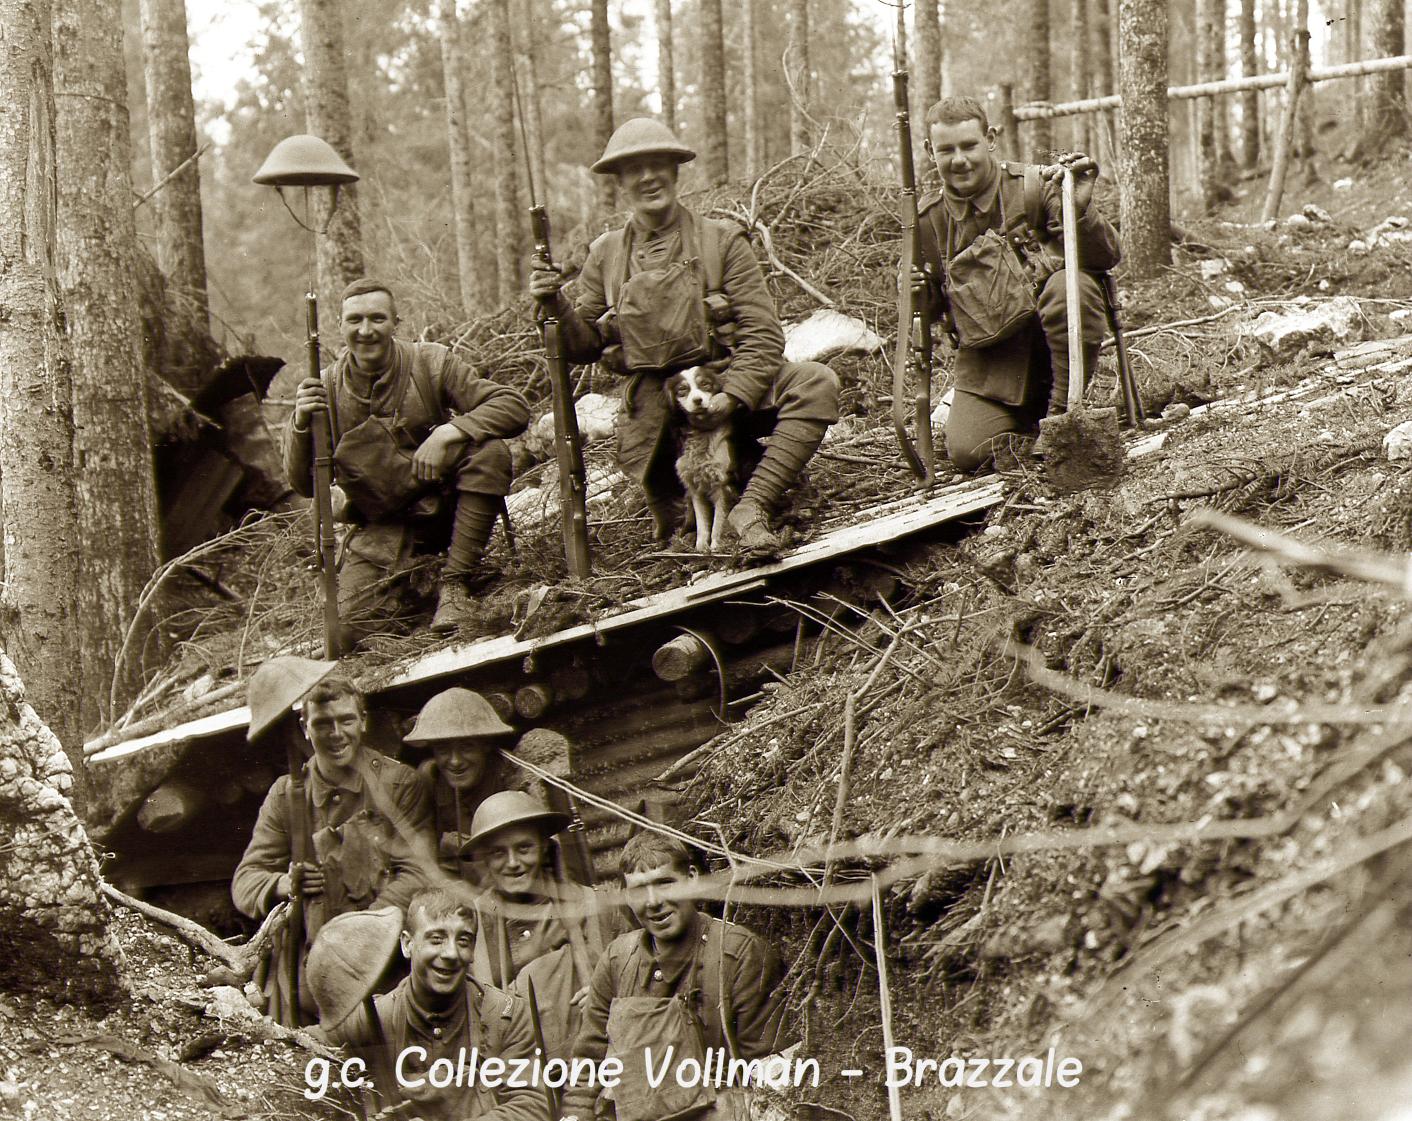 08  - Soldati inglesi in trincea tra gli abeti (da Vollman e Brazzale) (c).jpg